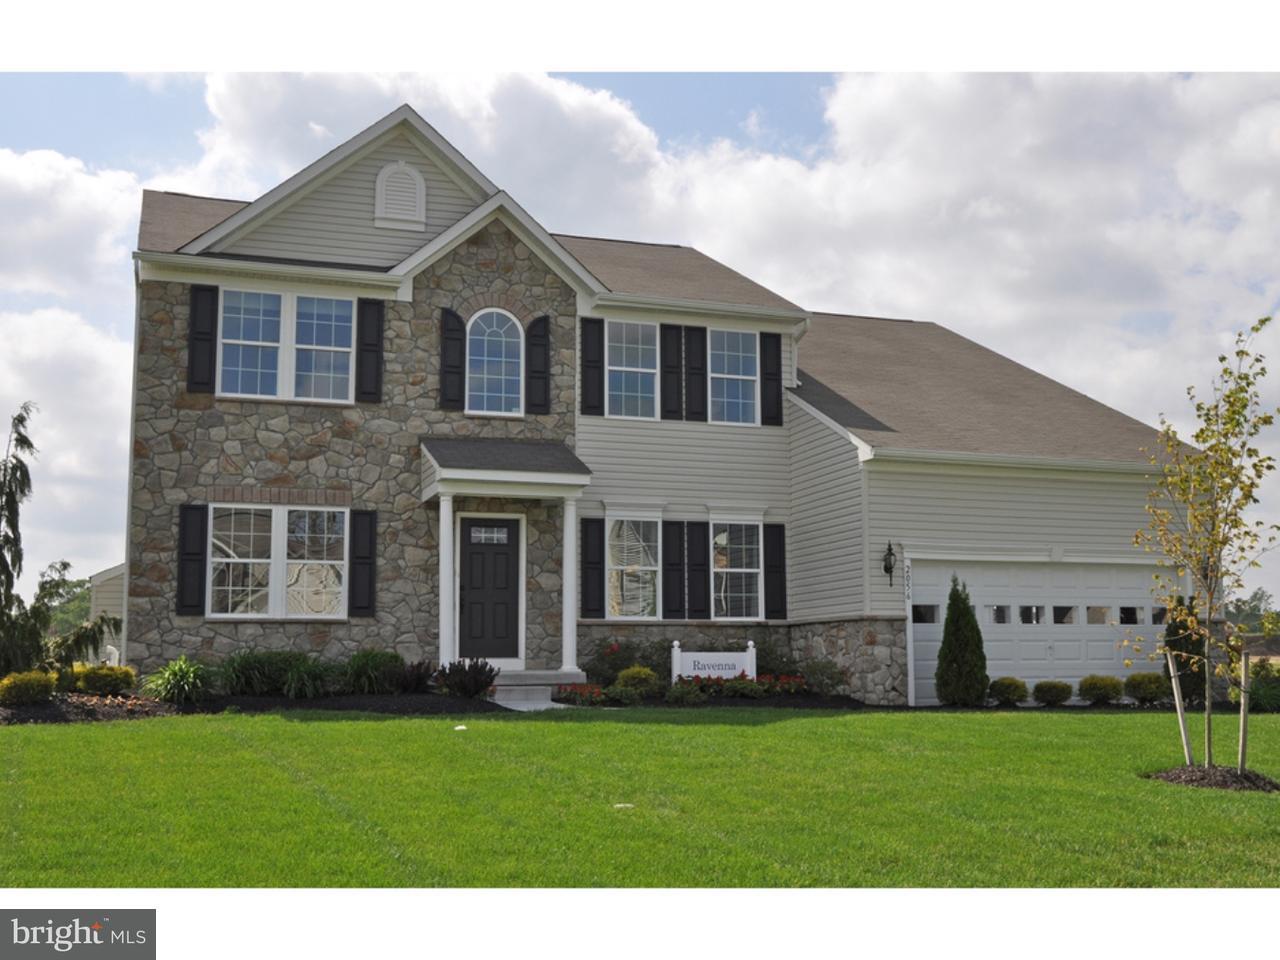 Maison unifamiliale pour l Vente à 3 PEAR TREE Court Delran, New Jersey 08075 États-Unis